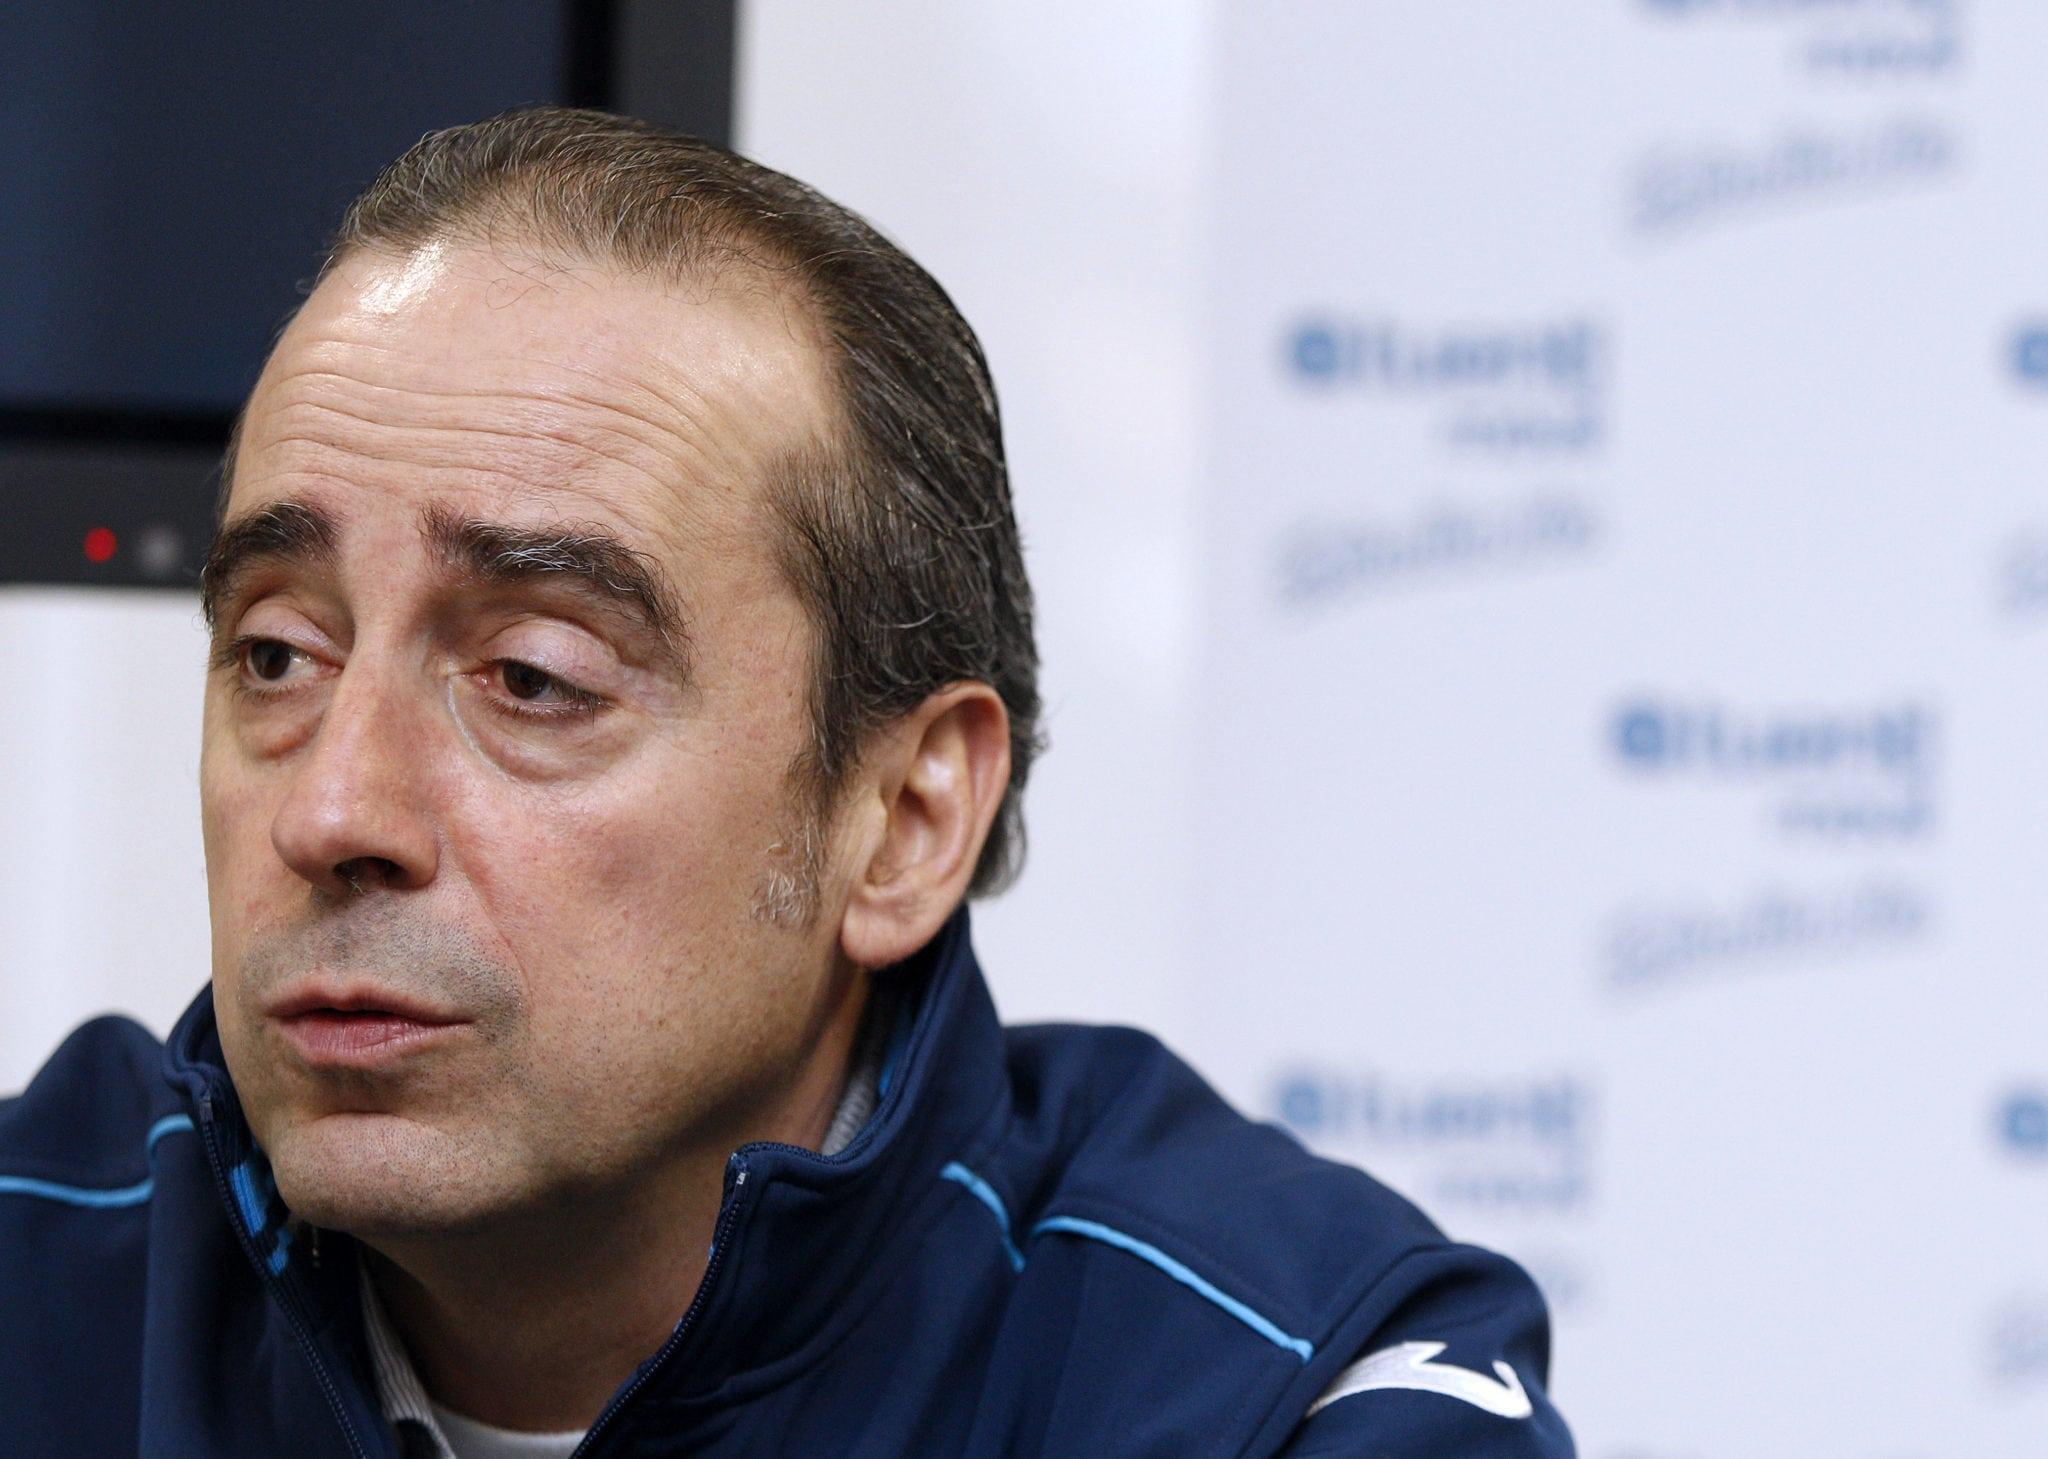 """Vidorreta: """"El equipo reaccionó unido tras derrotas muy duras, y eso da fuerza"""""""